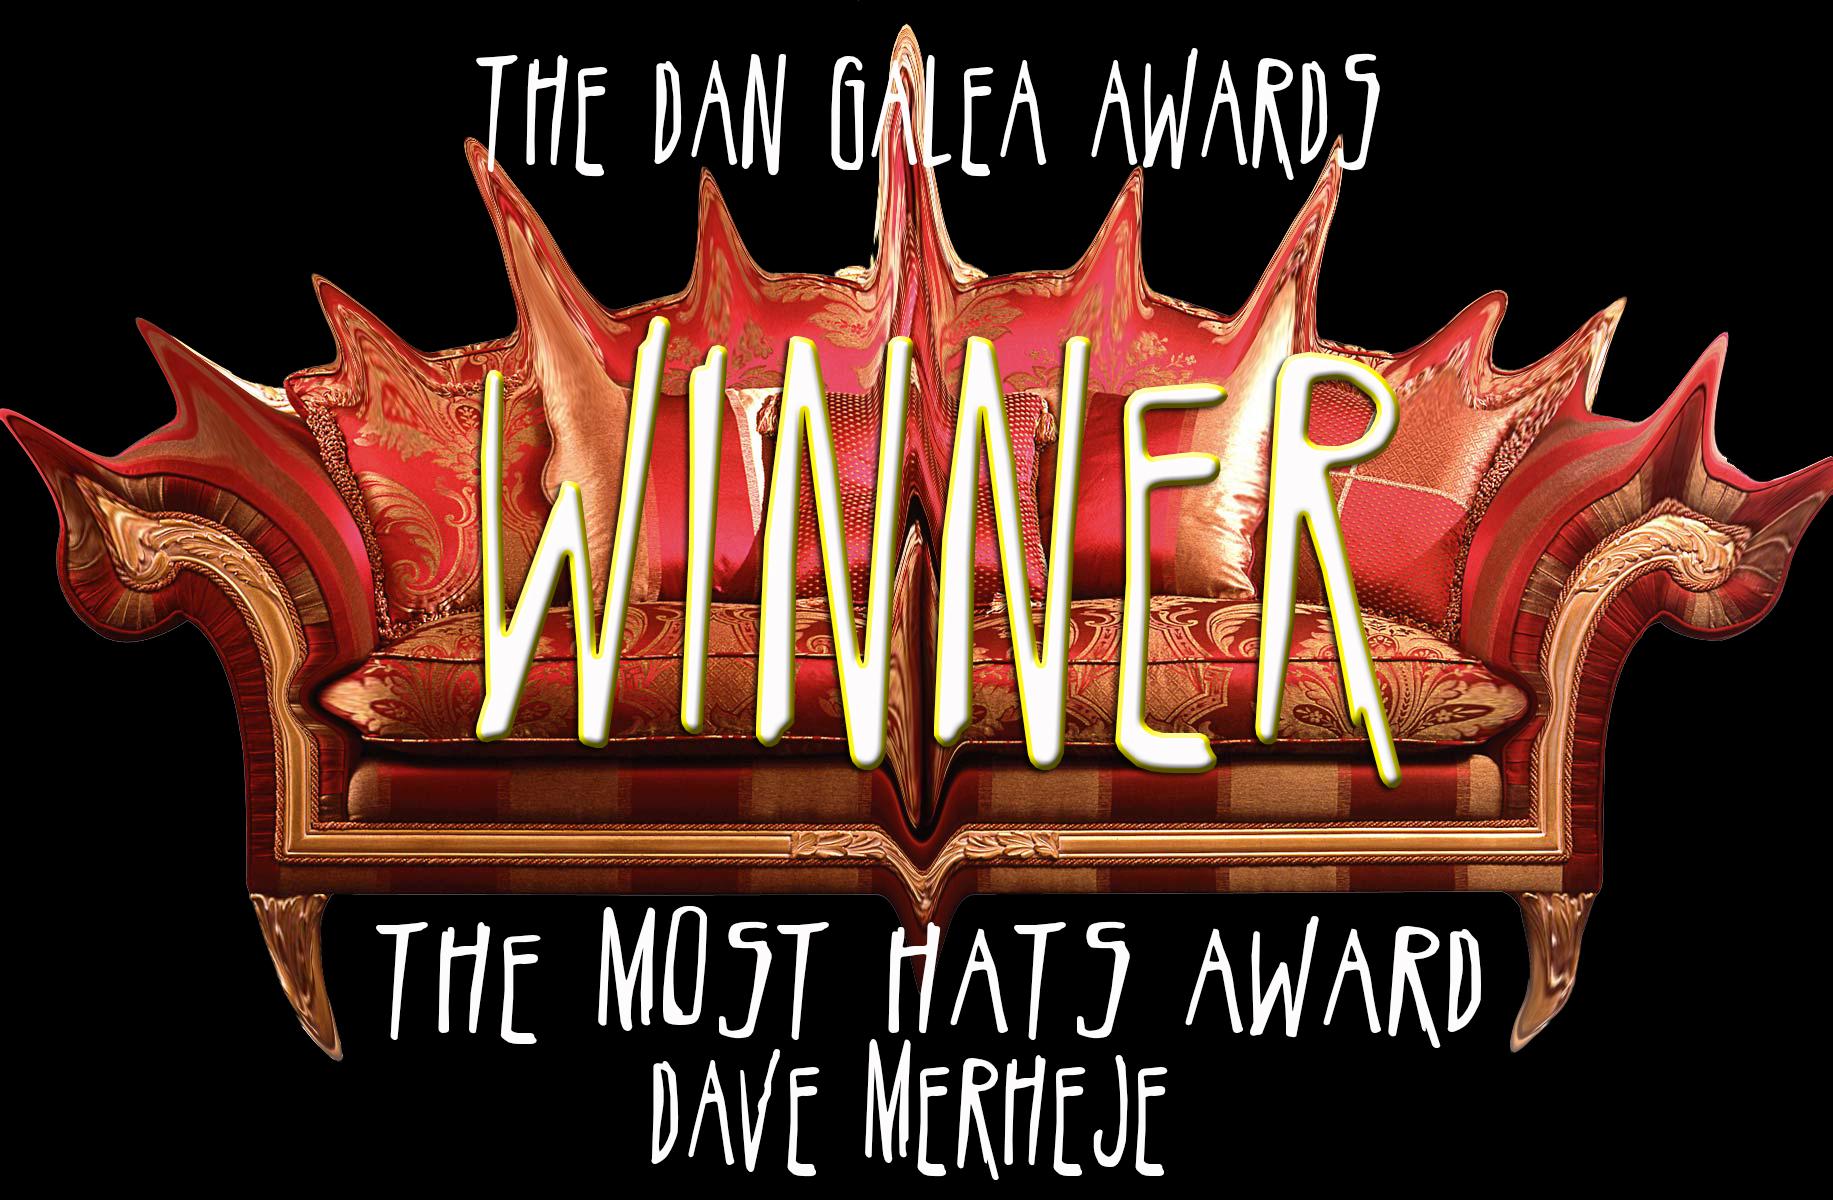 DGawards Dave MErheje.jpg